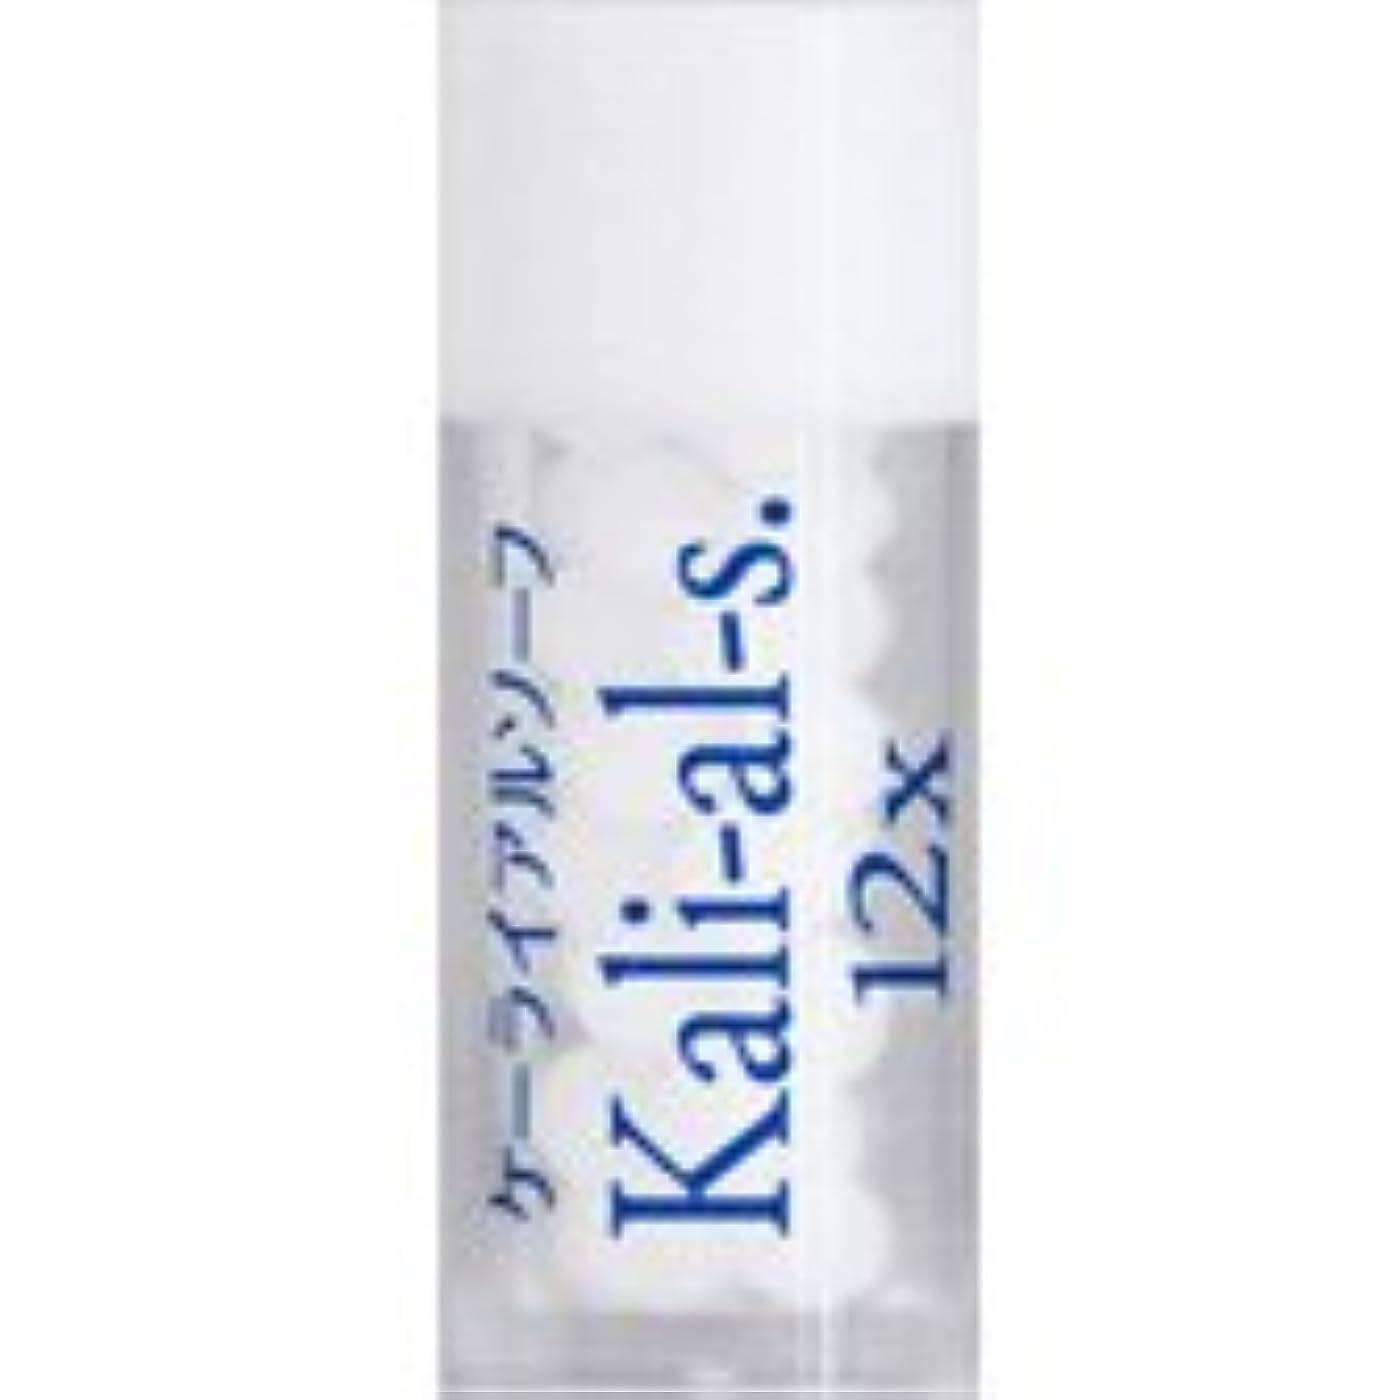 ウナギ腹甘味36バイタルエレメントキット 対応 各種 (17)Kali-al-s.12X ケーライアルソーフ)